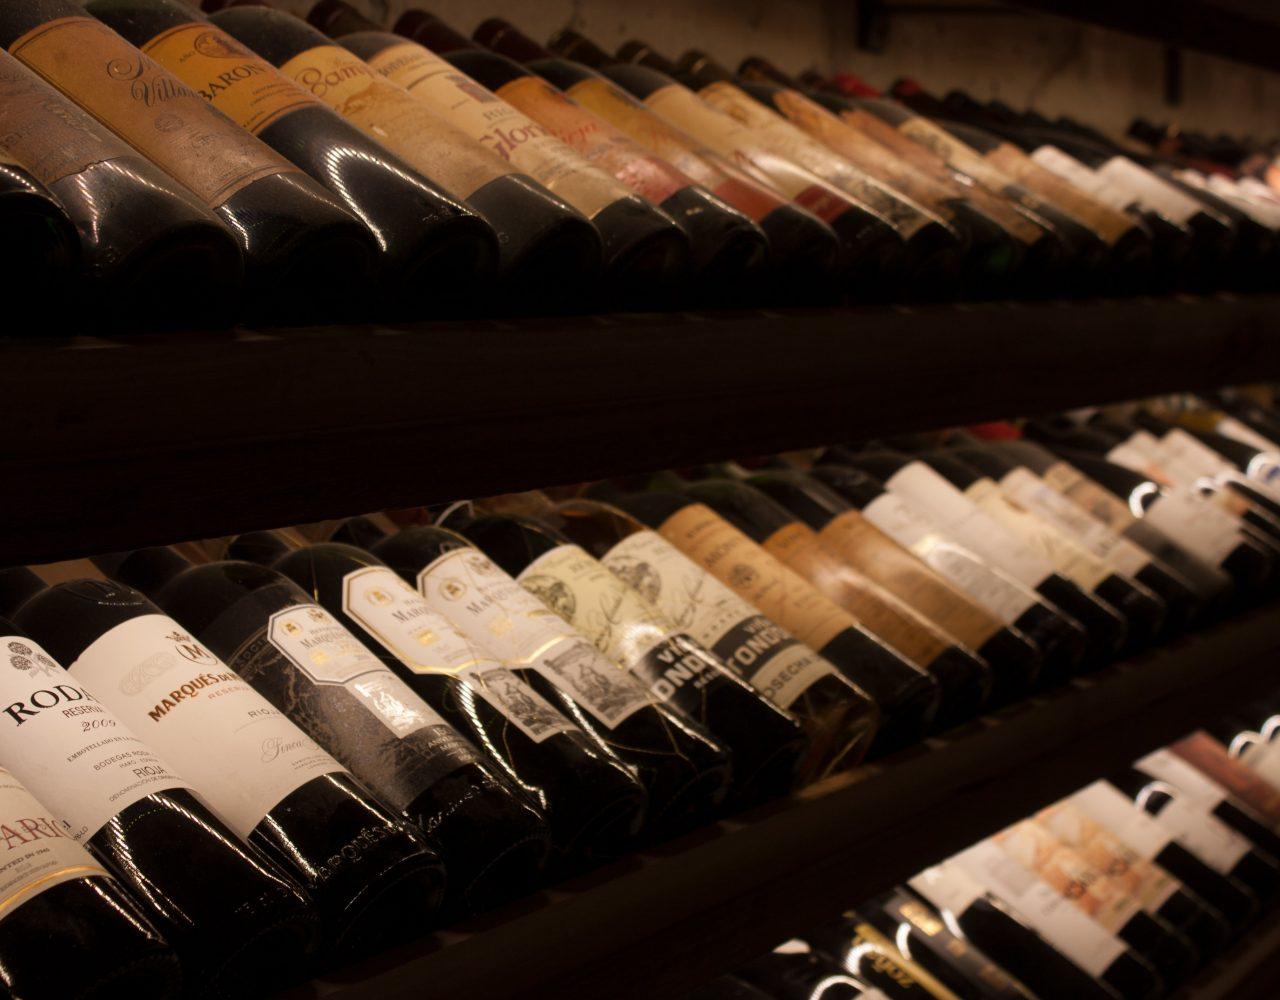 Rossi col pesce: dritte e migliori vini